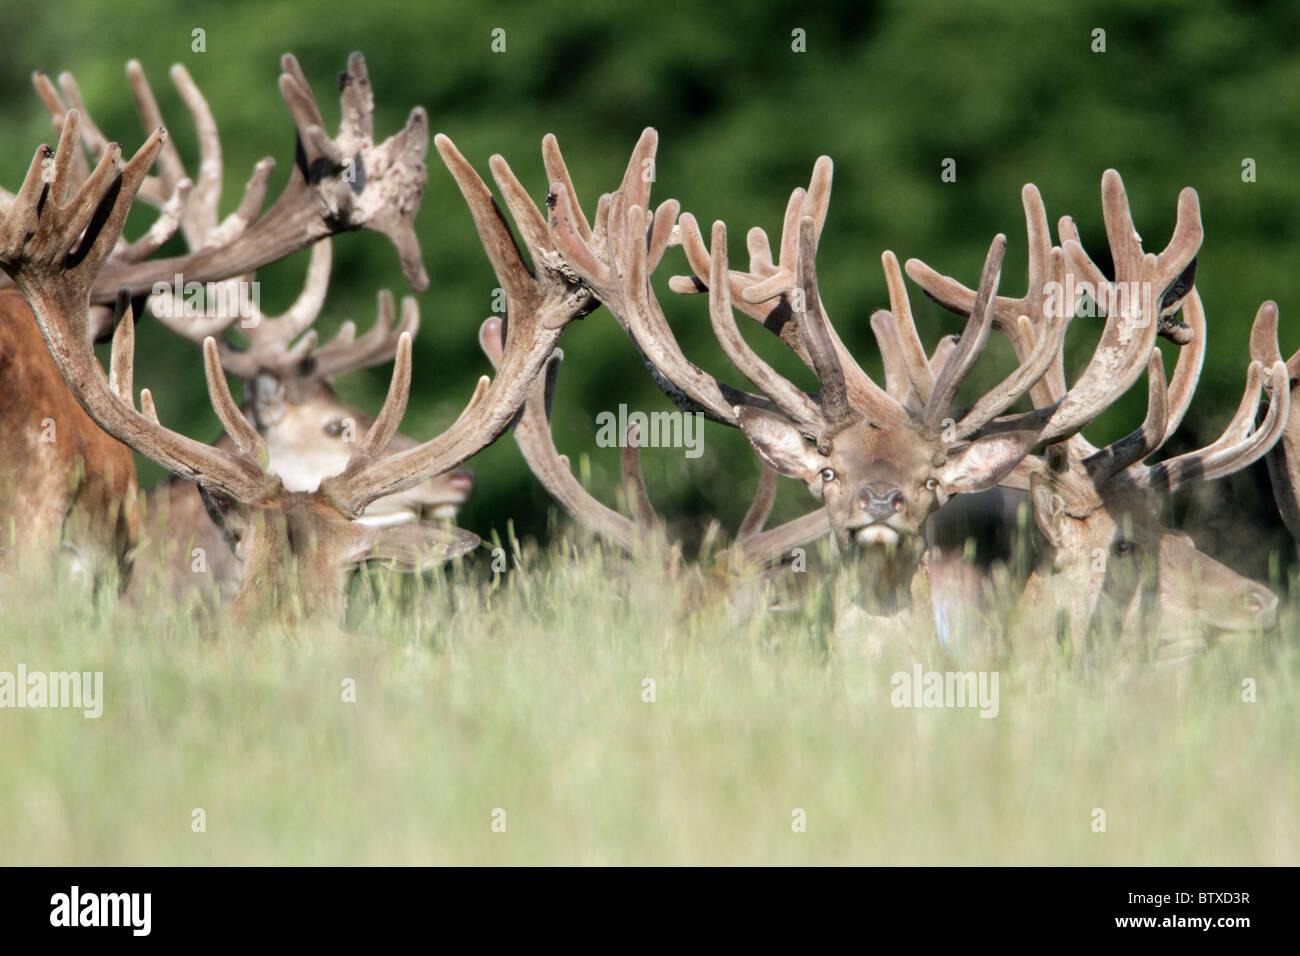 Red Deer (Cervus elaphus), herd of stags resting, Germany - Stock Image